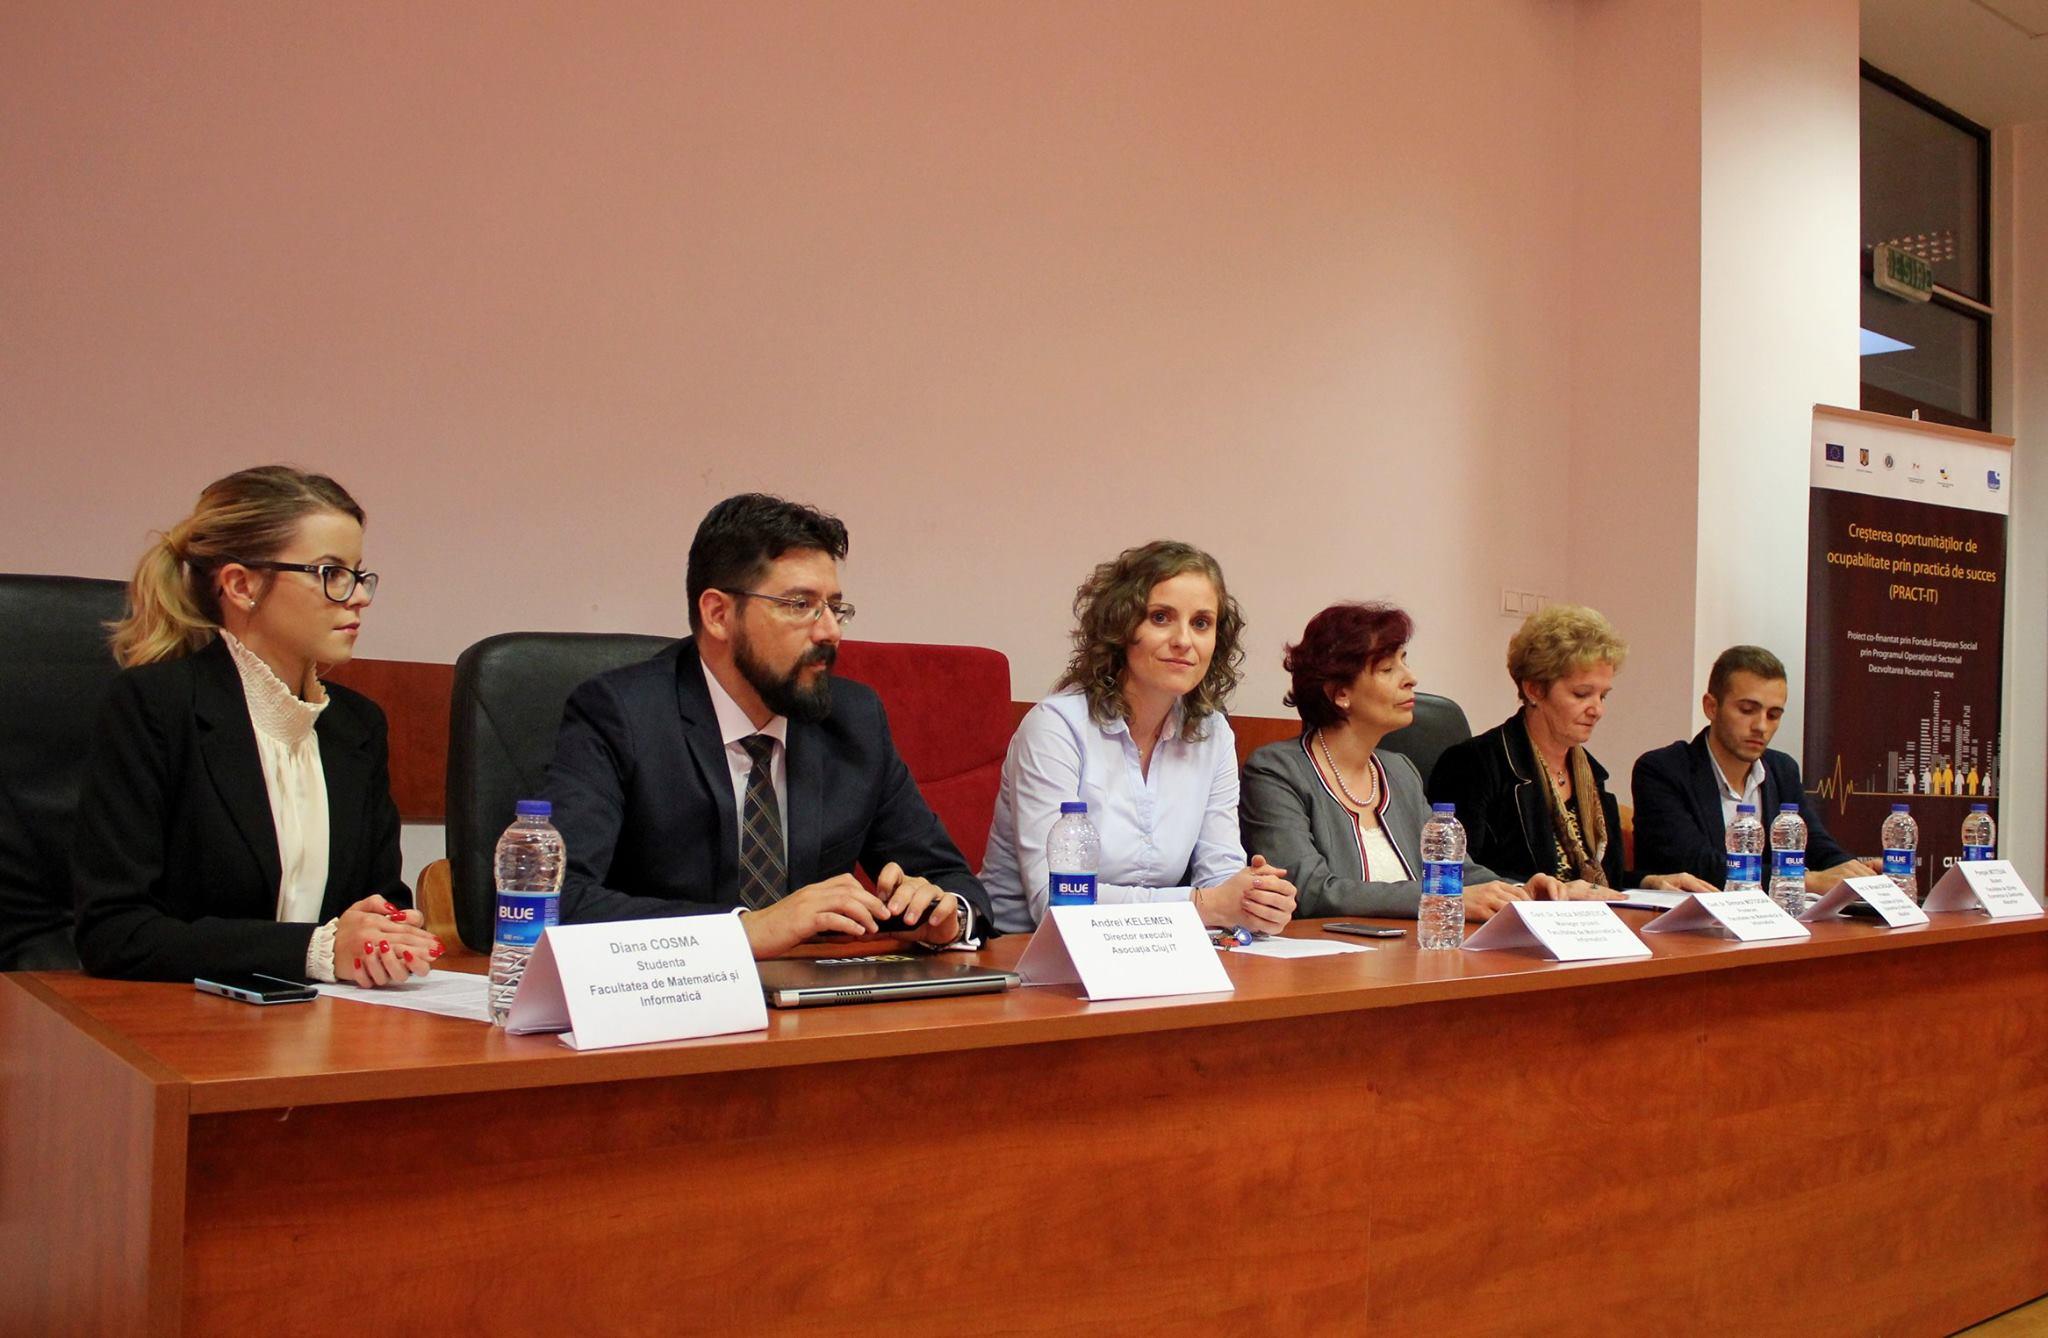 Proiectul are o valoarea de aproximativ 500.000 de euro și a ajutat 450 de studenți să ia un prim contact cu piața muncii (FOTO: Dan Bodea)